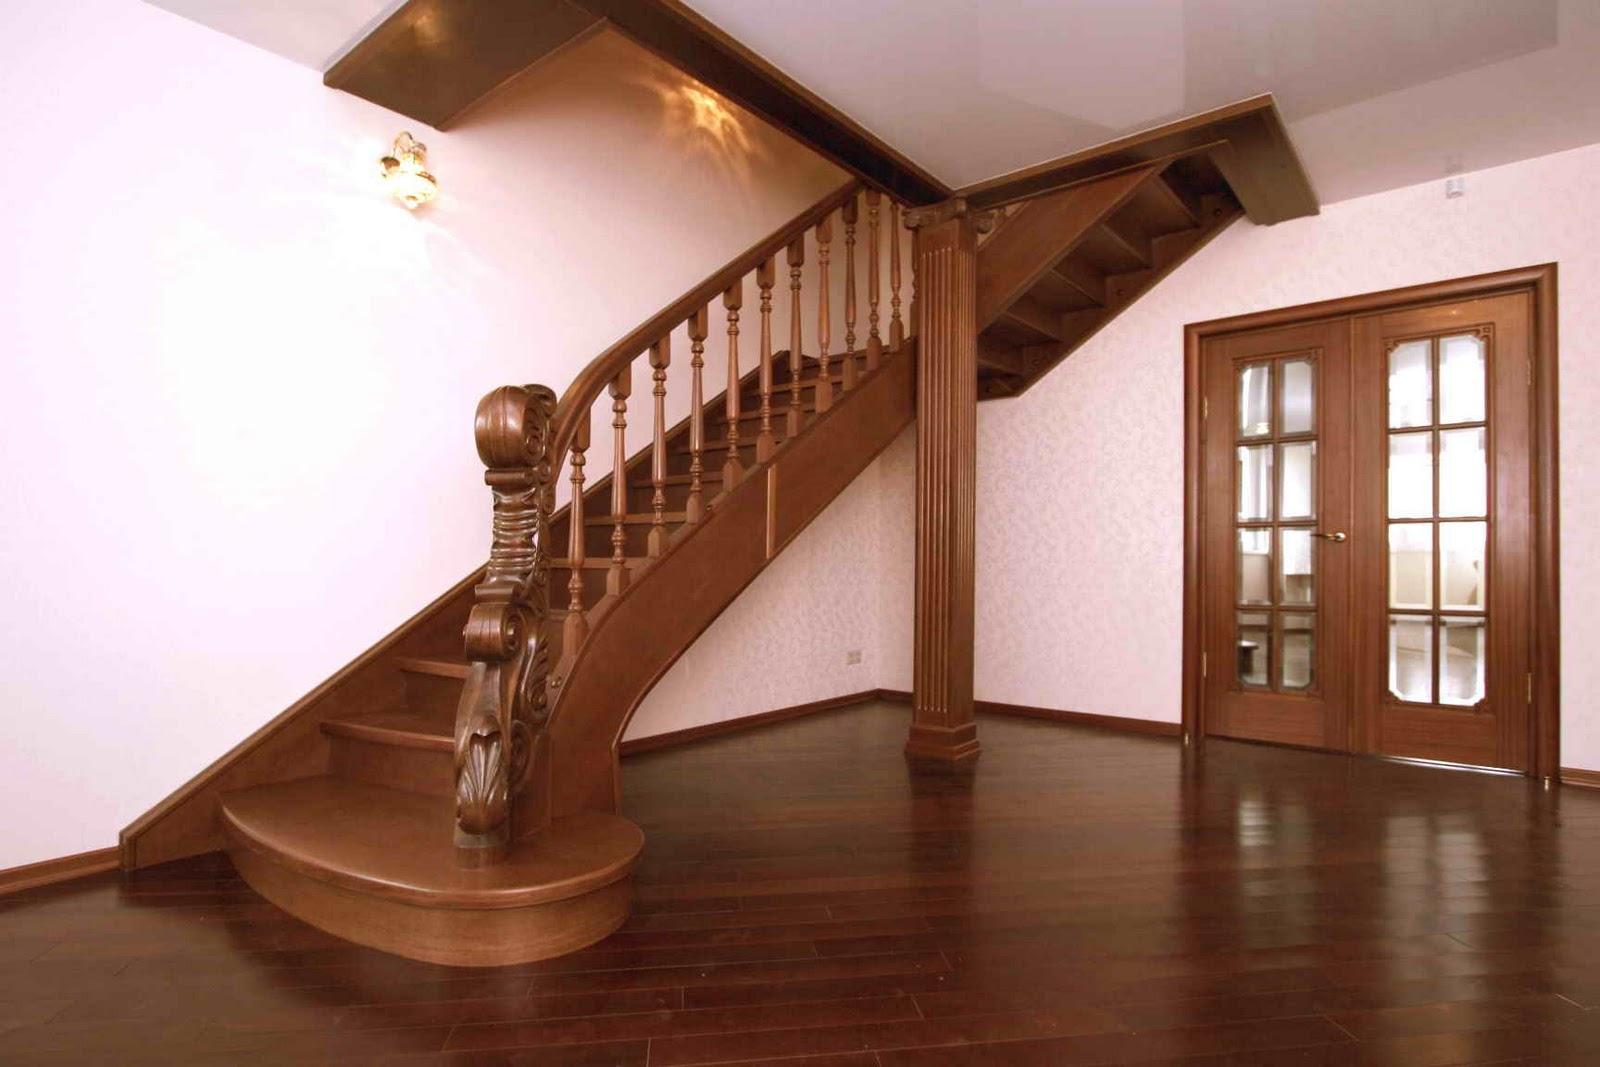 Картинки по запросу Деревянные лестницы в доме